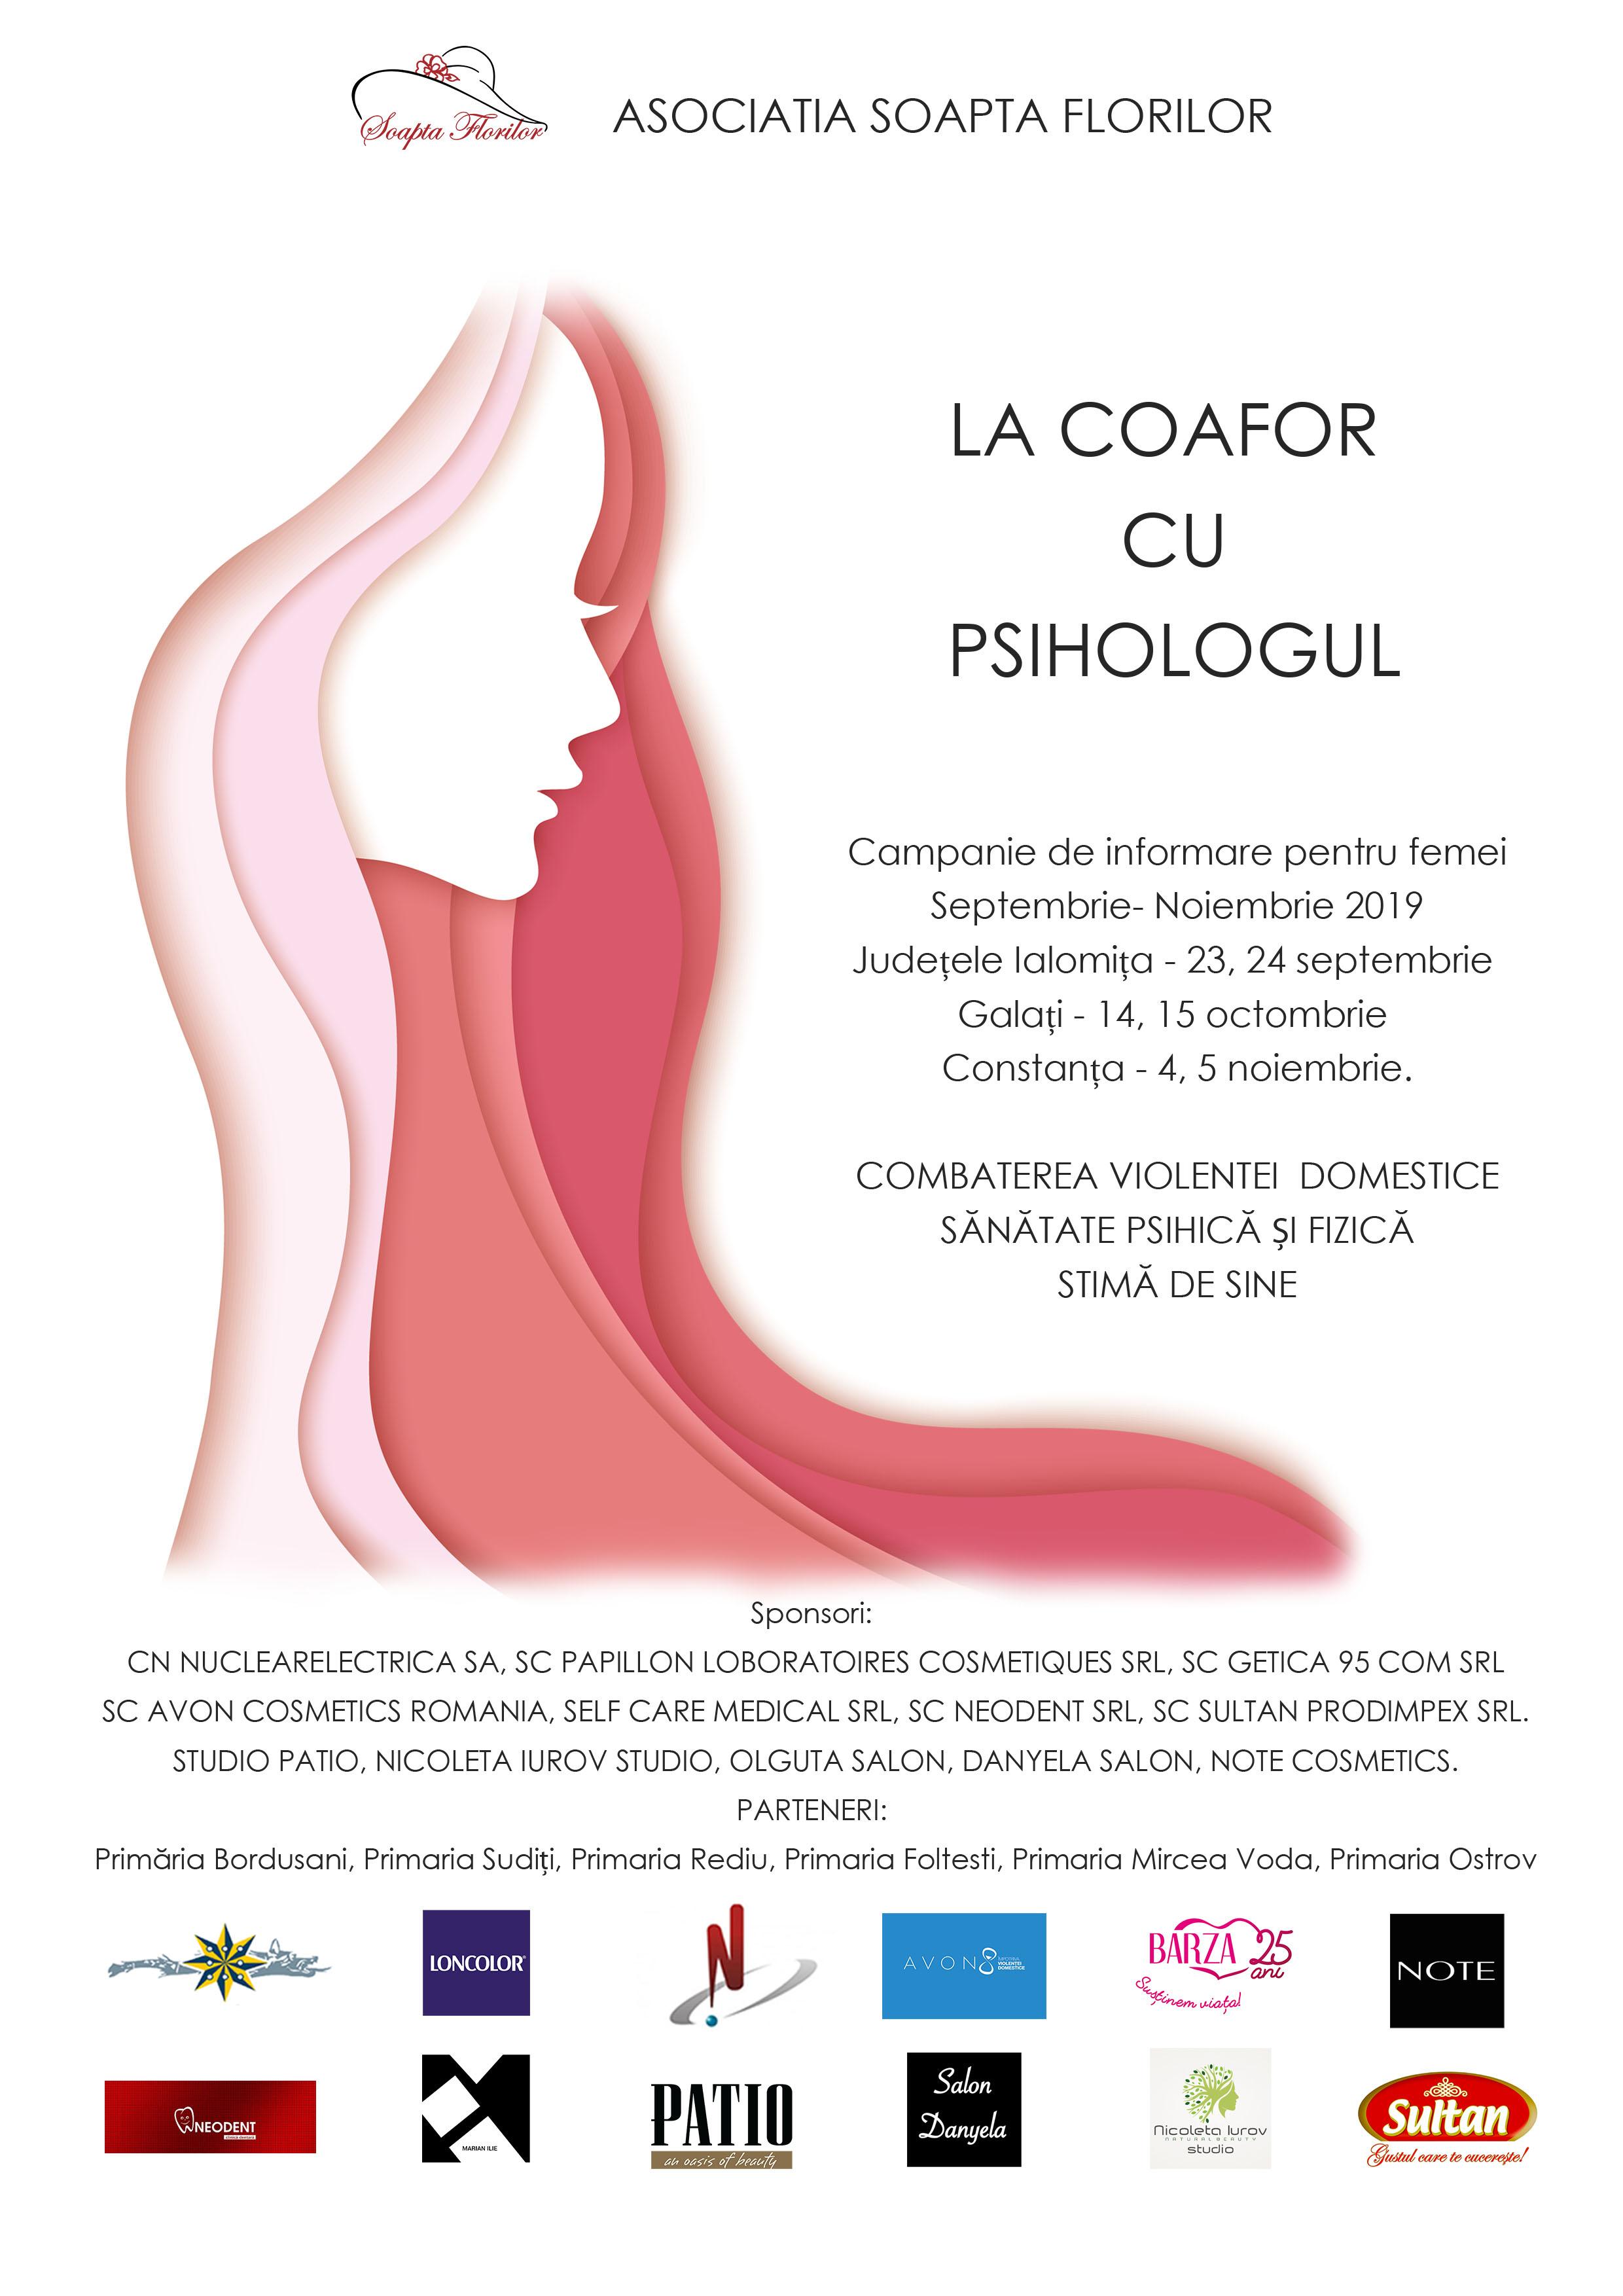 """""""La coafor cu psihologul"""" - campanie de informare pentru femeile din mediul rural, despre violența domestică, sănătate și stimă de sine"""